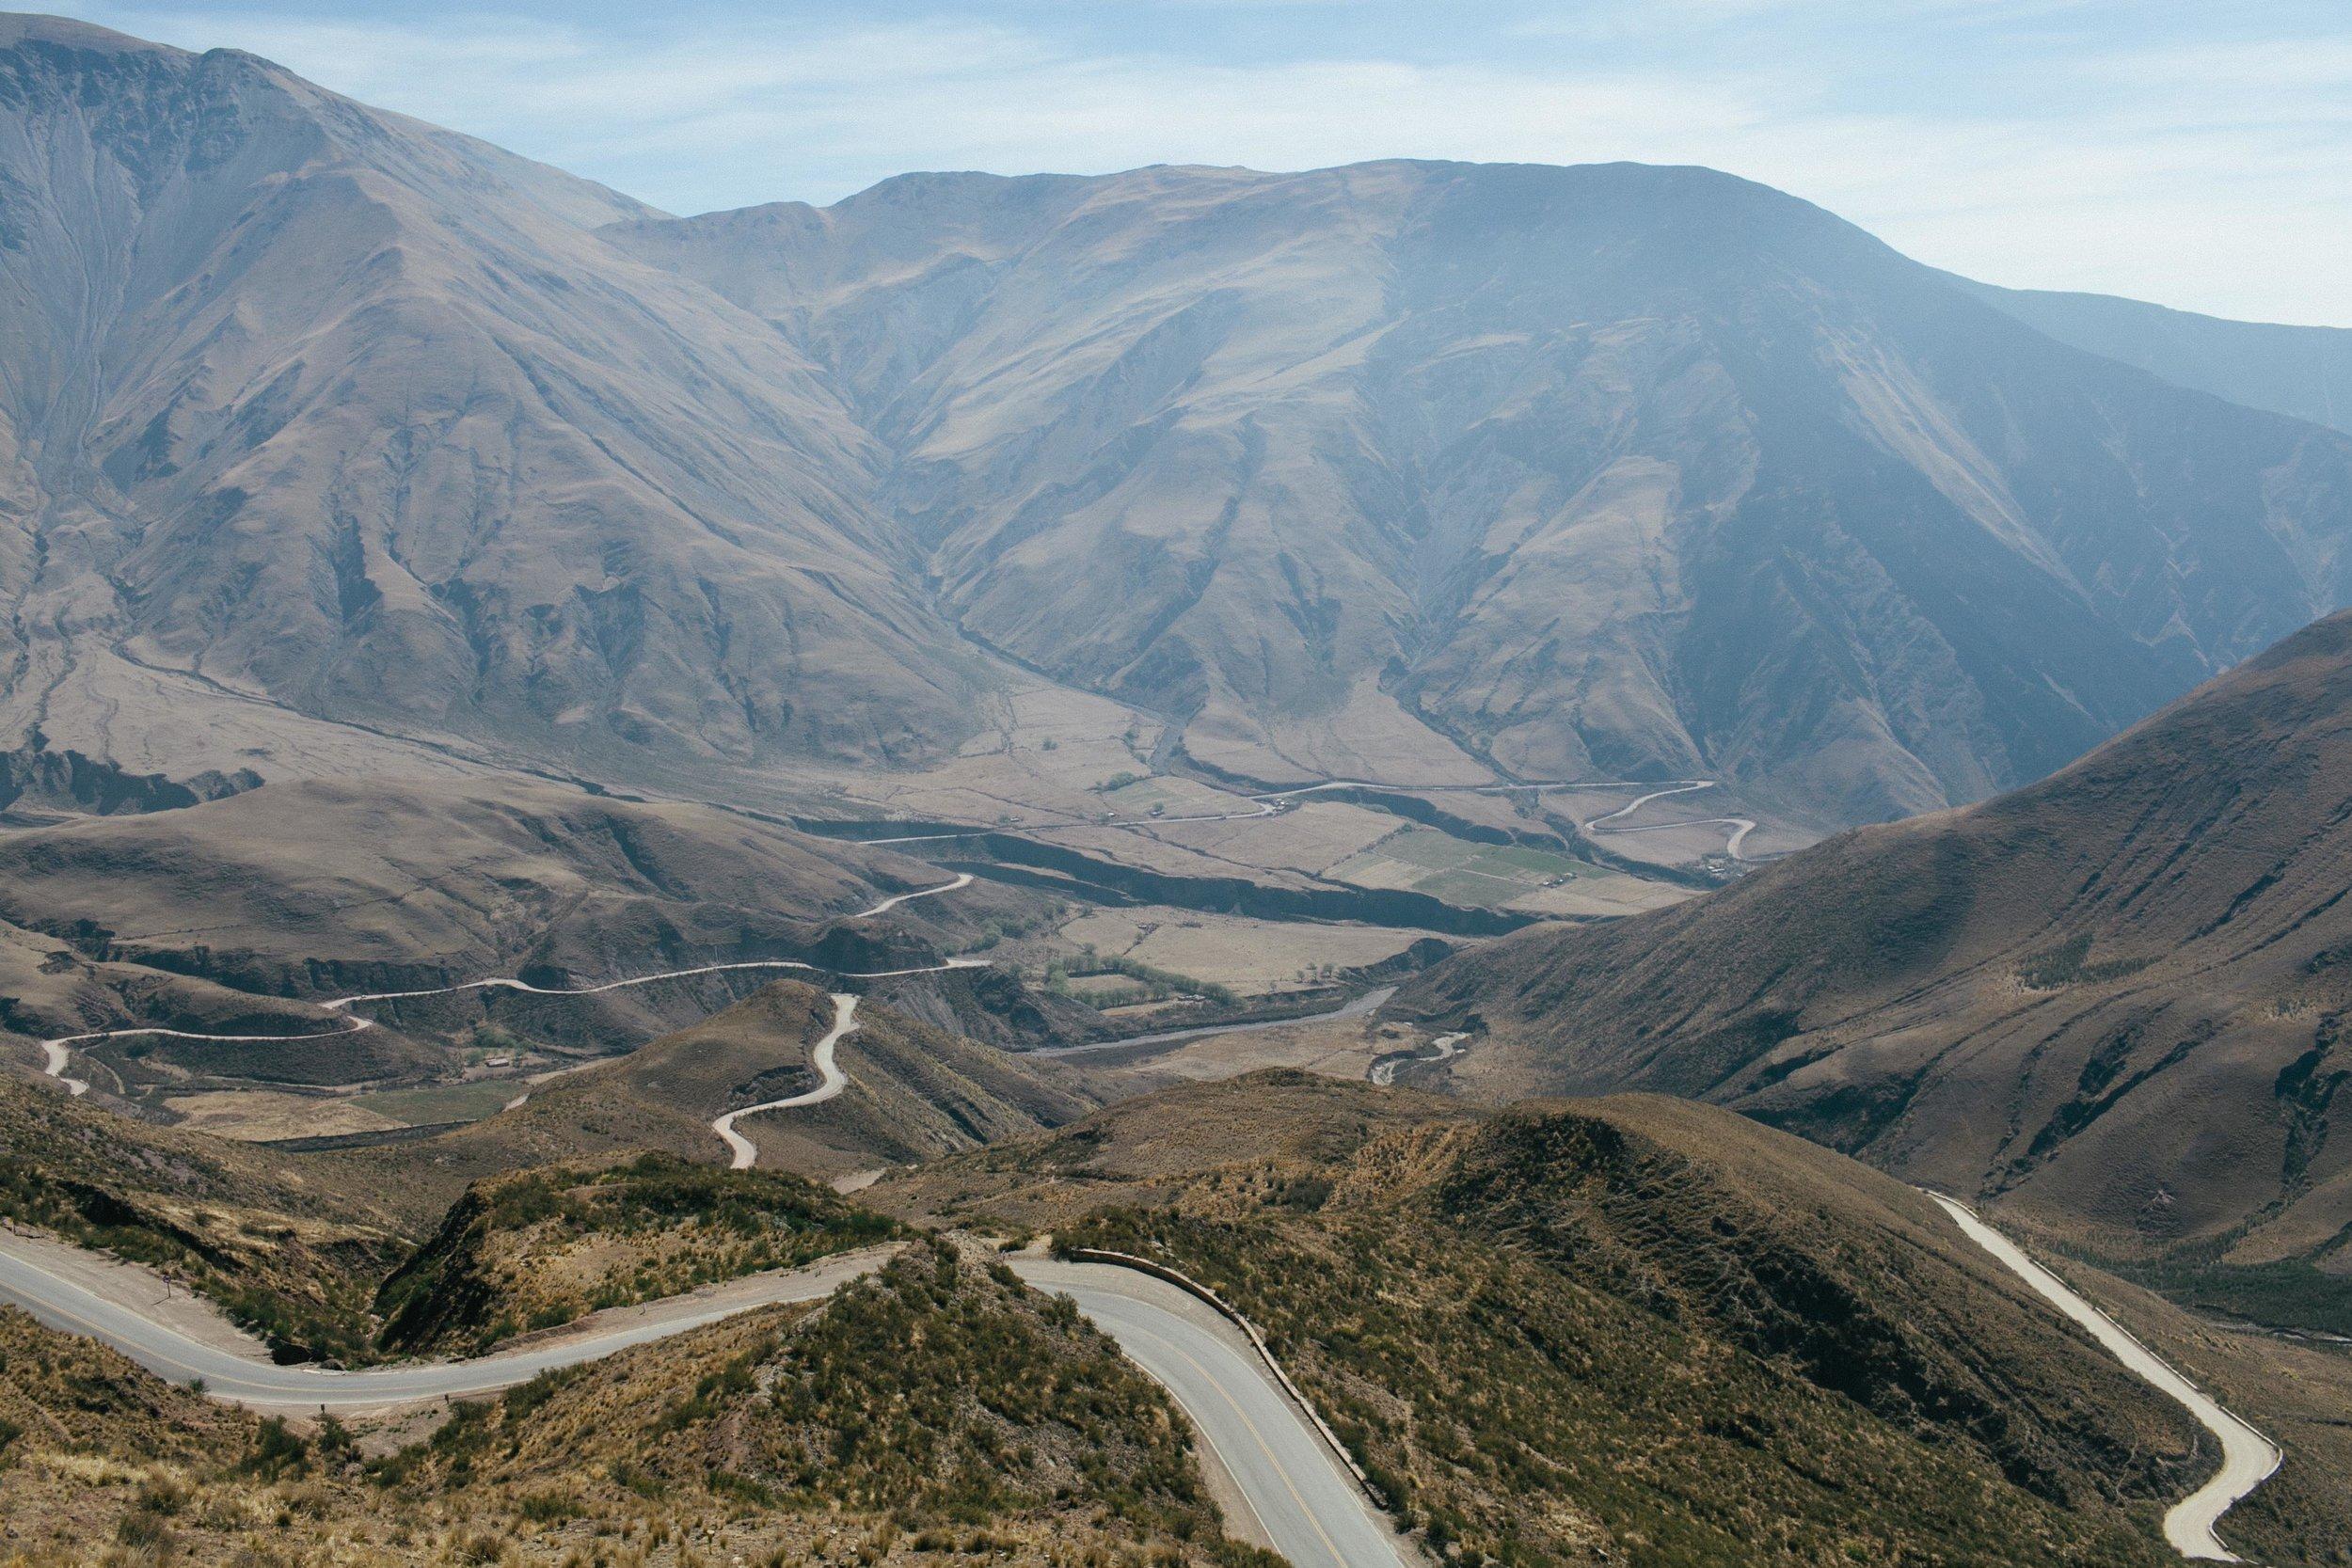 Valles Calchaquies Cuesta del Obispo